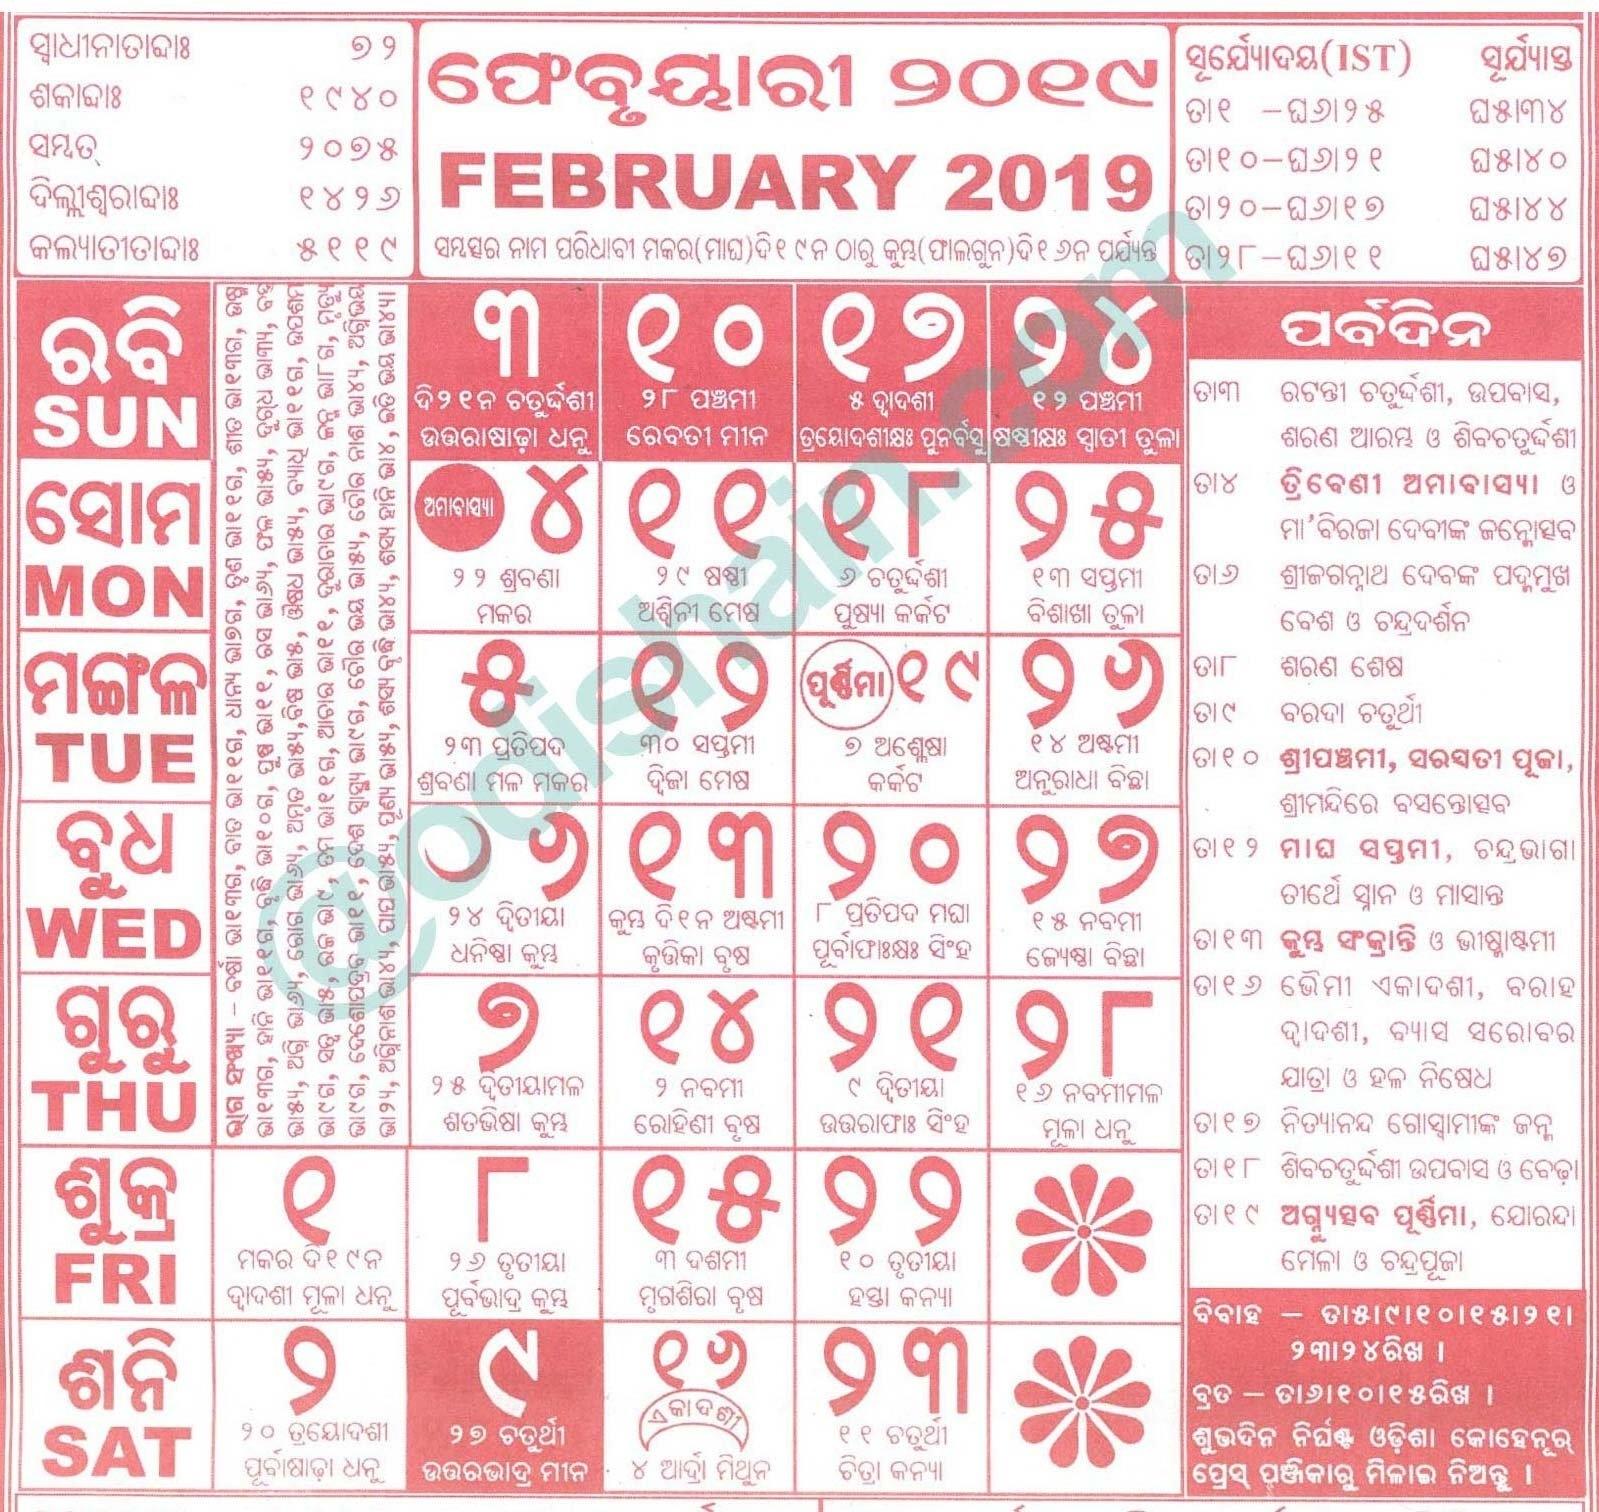 Odia Calendar February 2019 | Template Calendar Printable Odia Calendar 2019